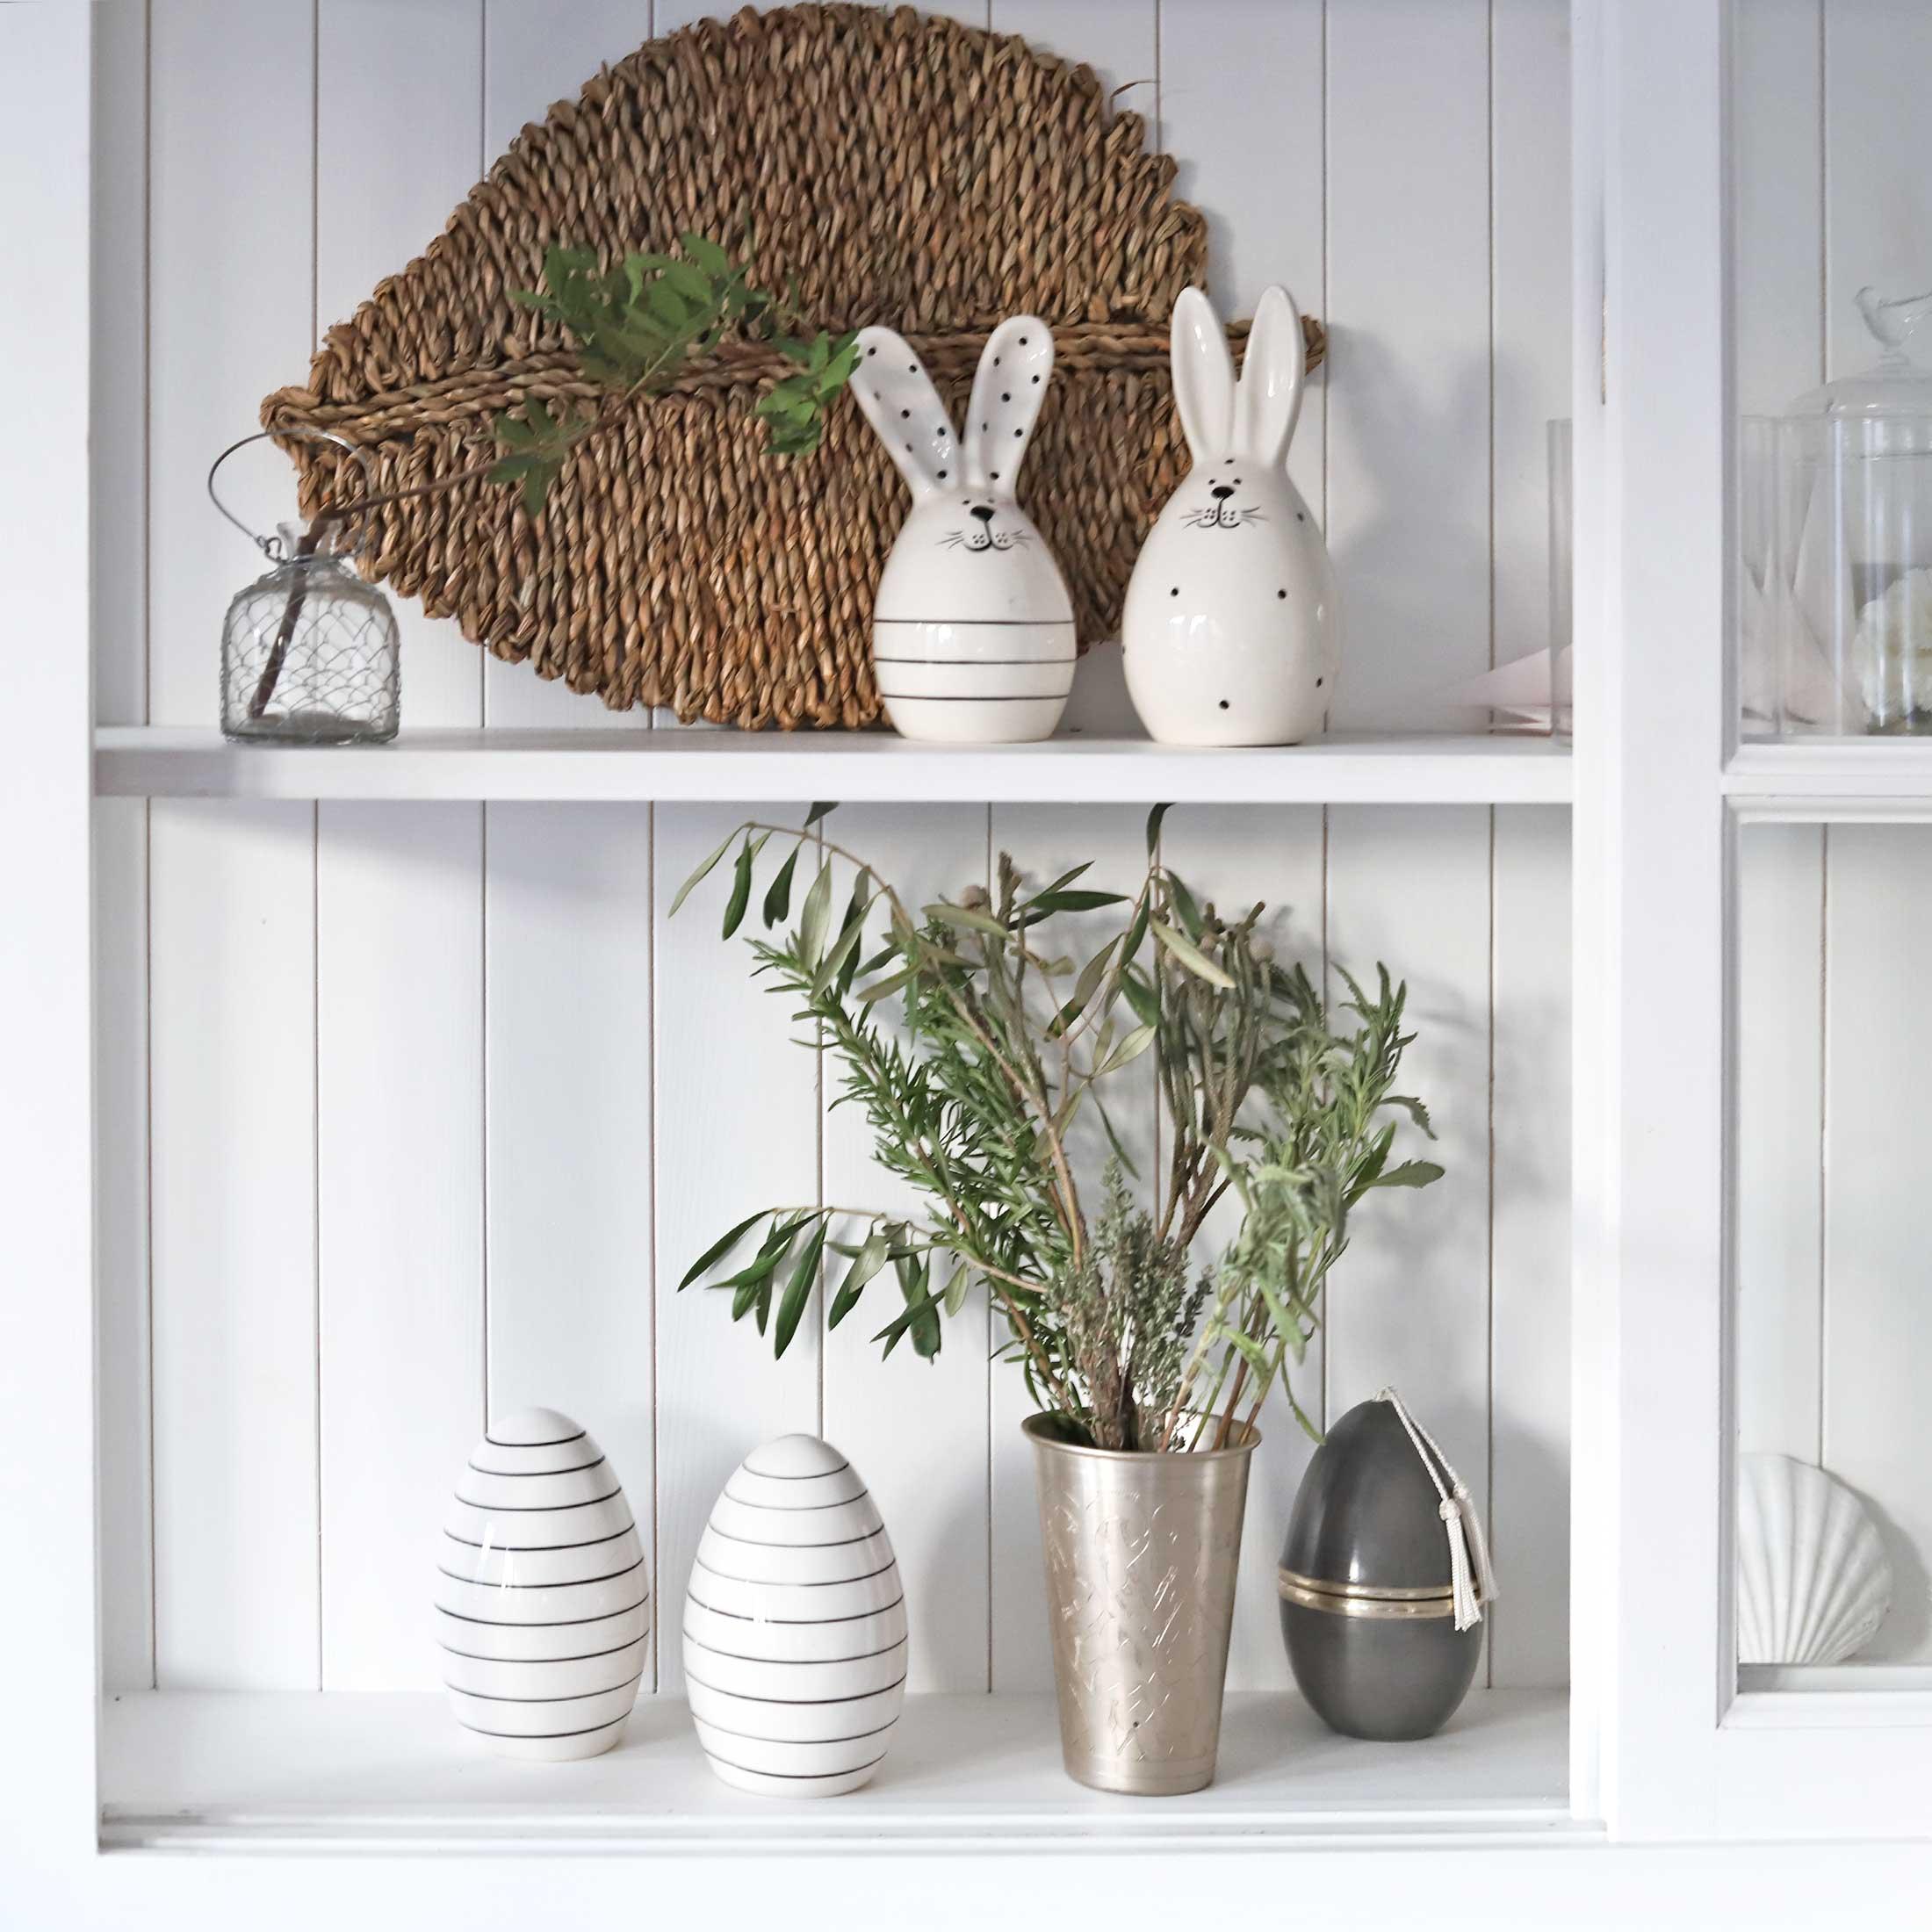 Gestreifter Osterhase im skandinavischen Wohnstil aus weißen Porzellan. Entdecke die beliebten Osterhasen mit den Streifen für das Osterfest